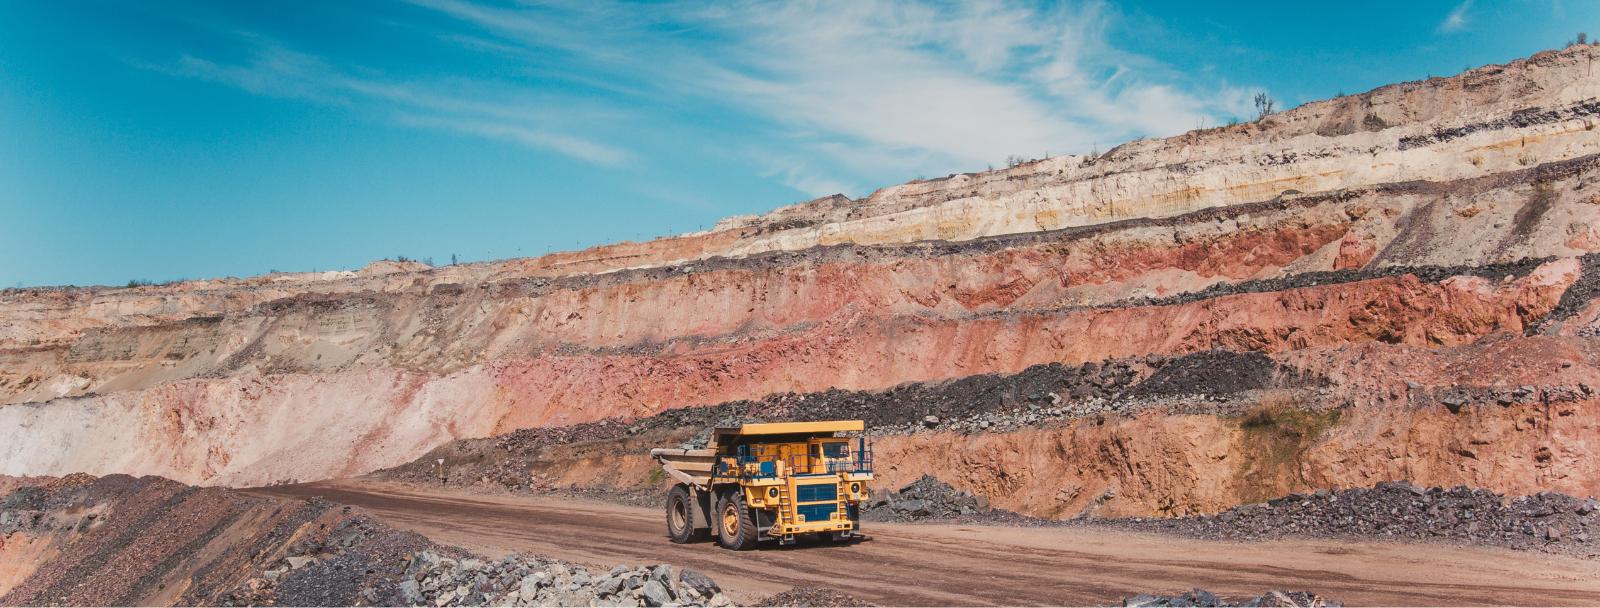 Mining in Arizona – Arizona Mining Association